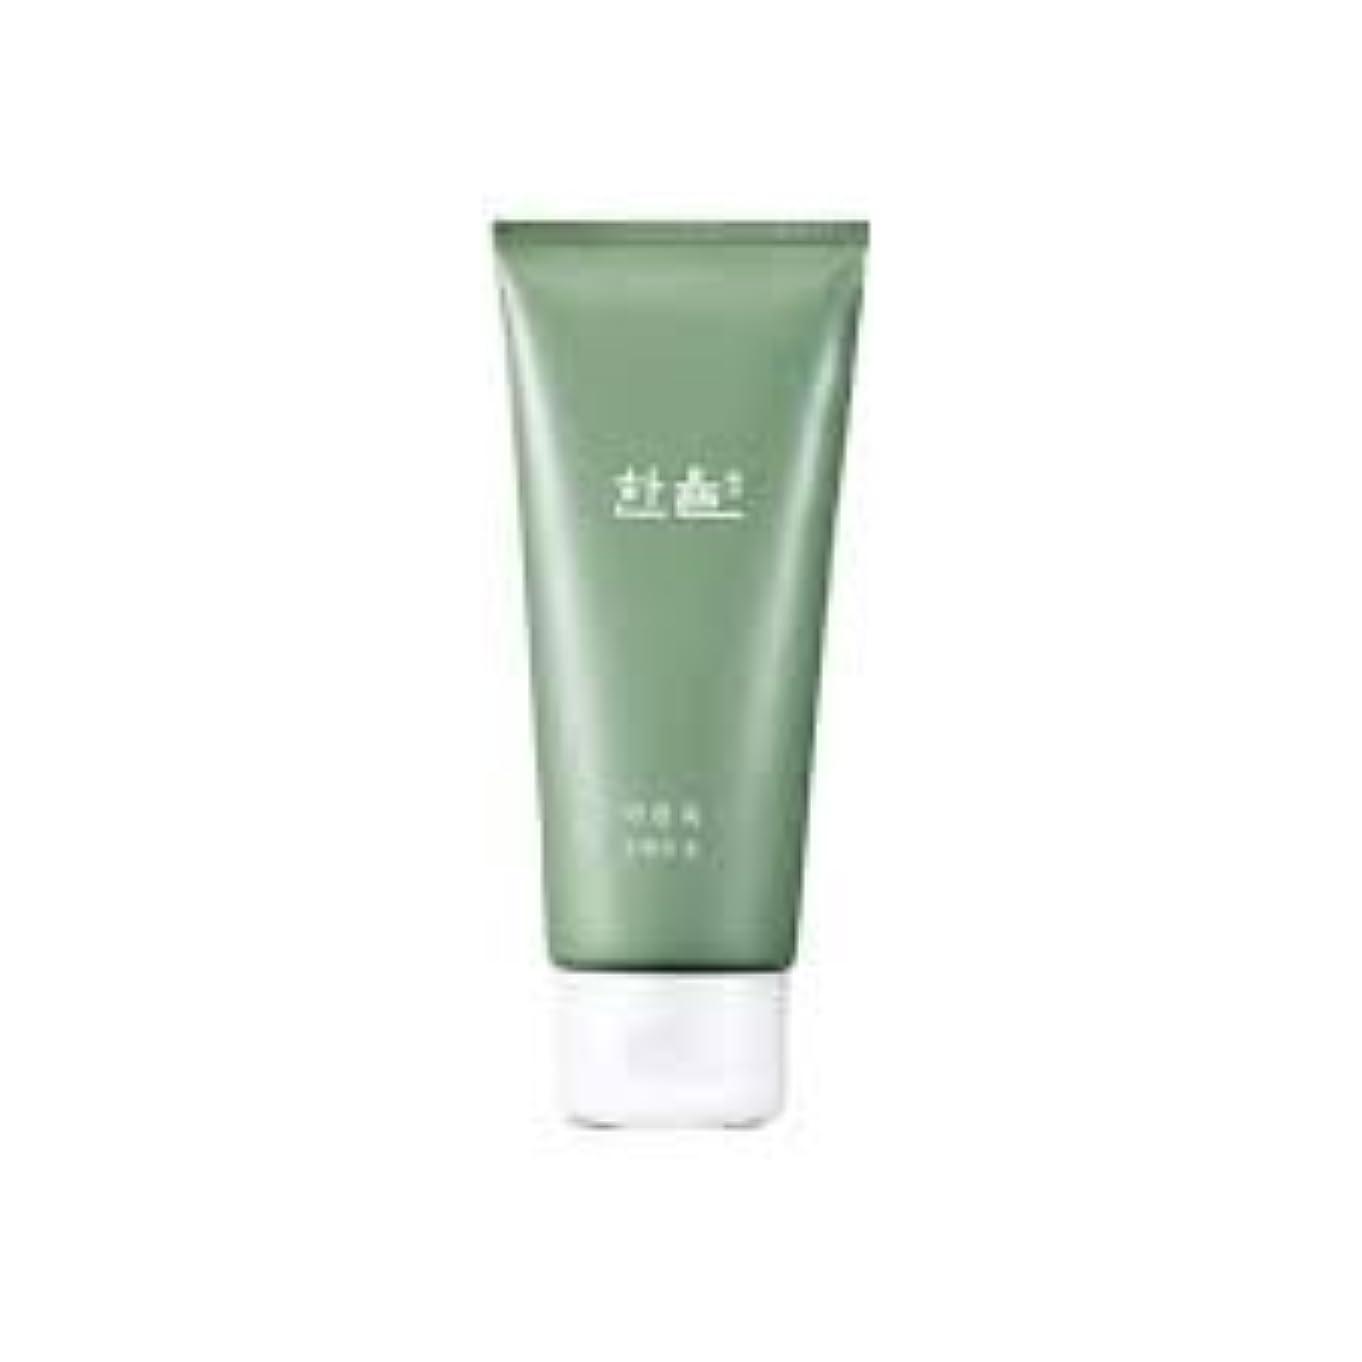 マスクタック複雑Hanyul Pure Artemisia Cleansing Foam 6.1 Ounce [並行輸入品]